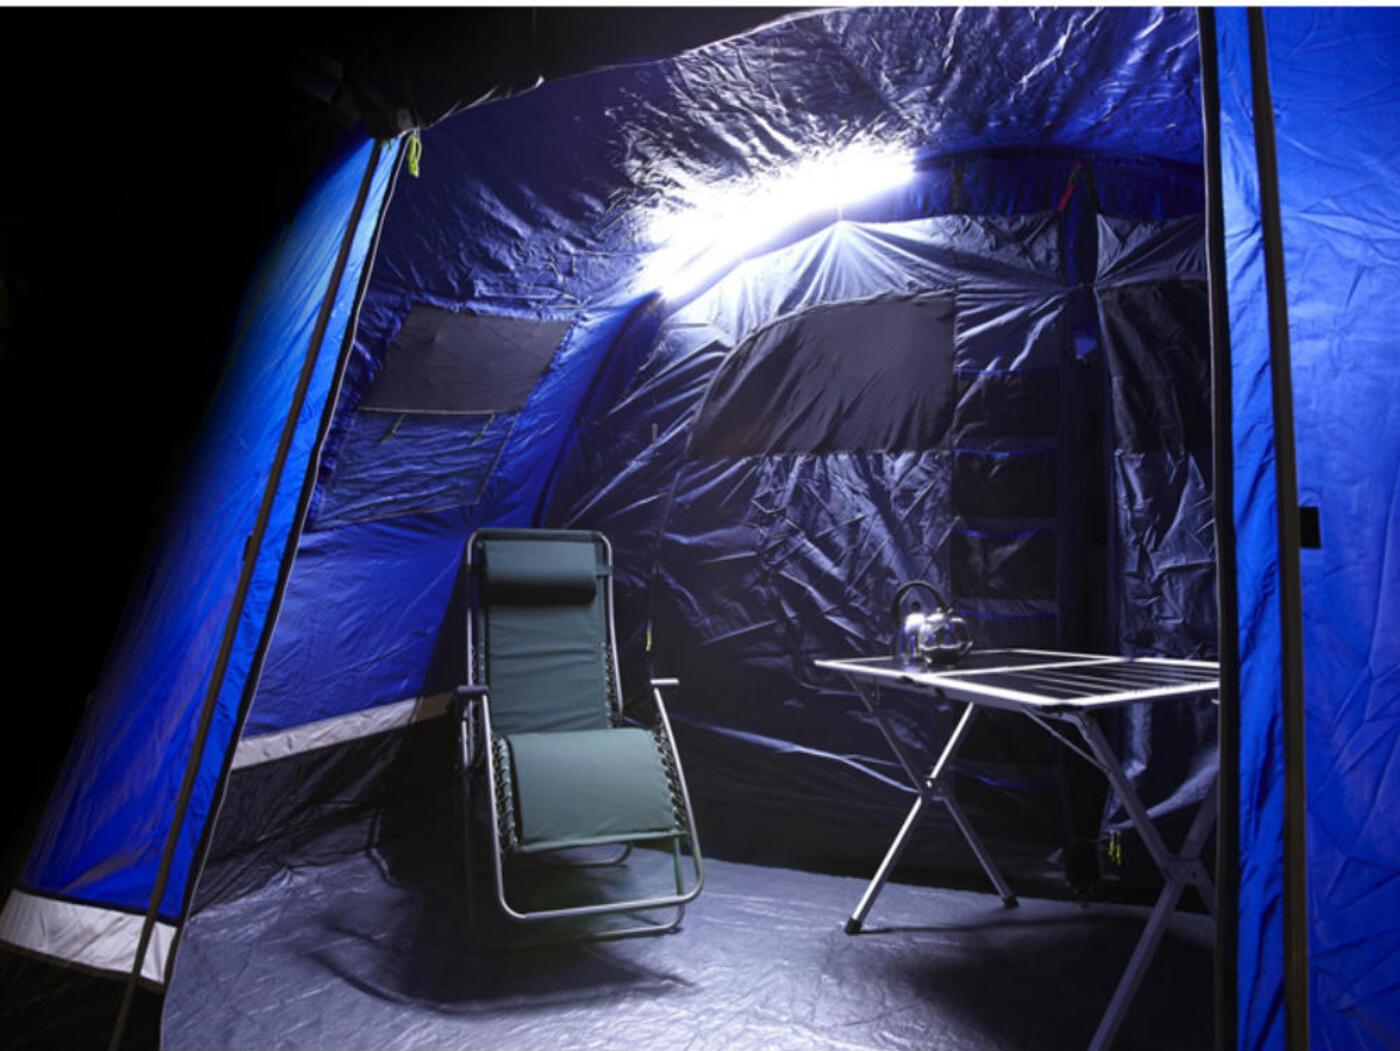 accessory shop camping outdoor ring 90 led 12v 230v. Black Bedroom Furniture Sets. Home Design Ideas